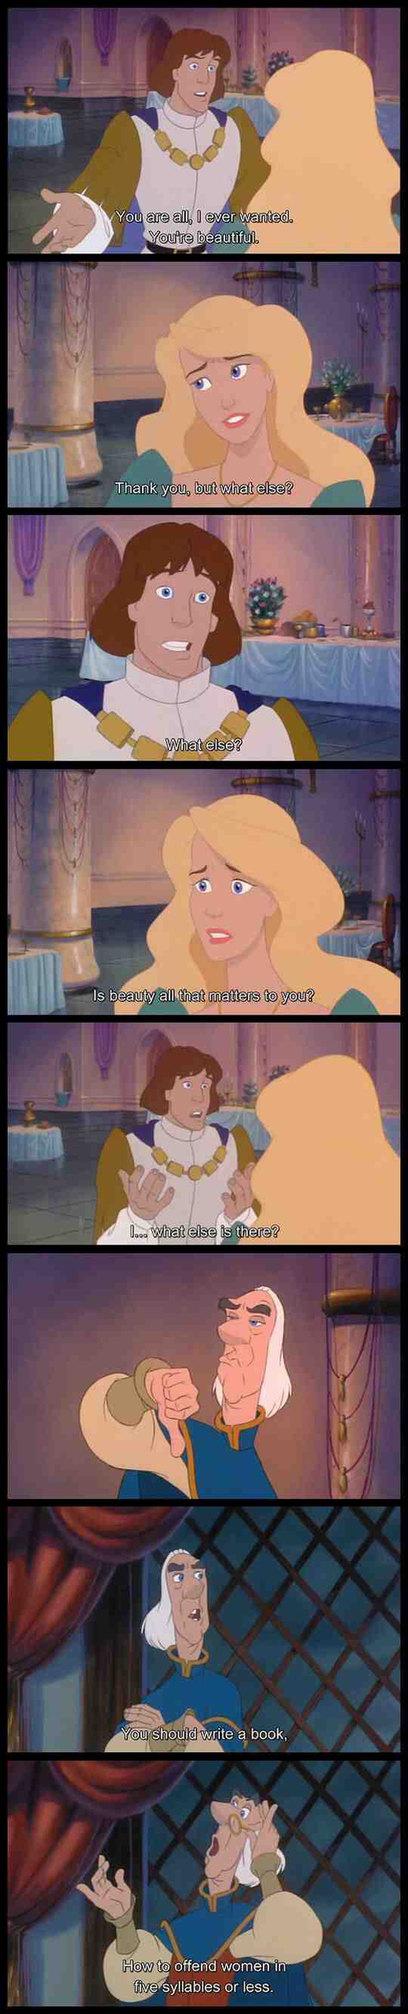 Disney movies...